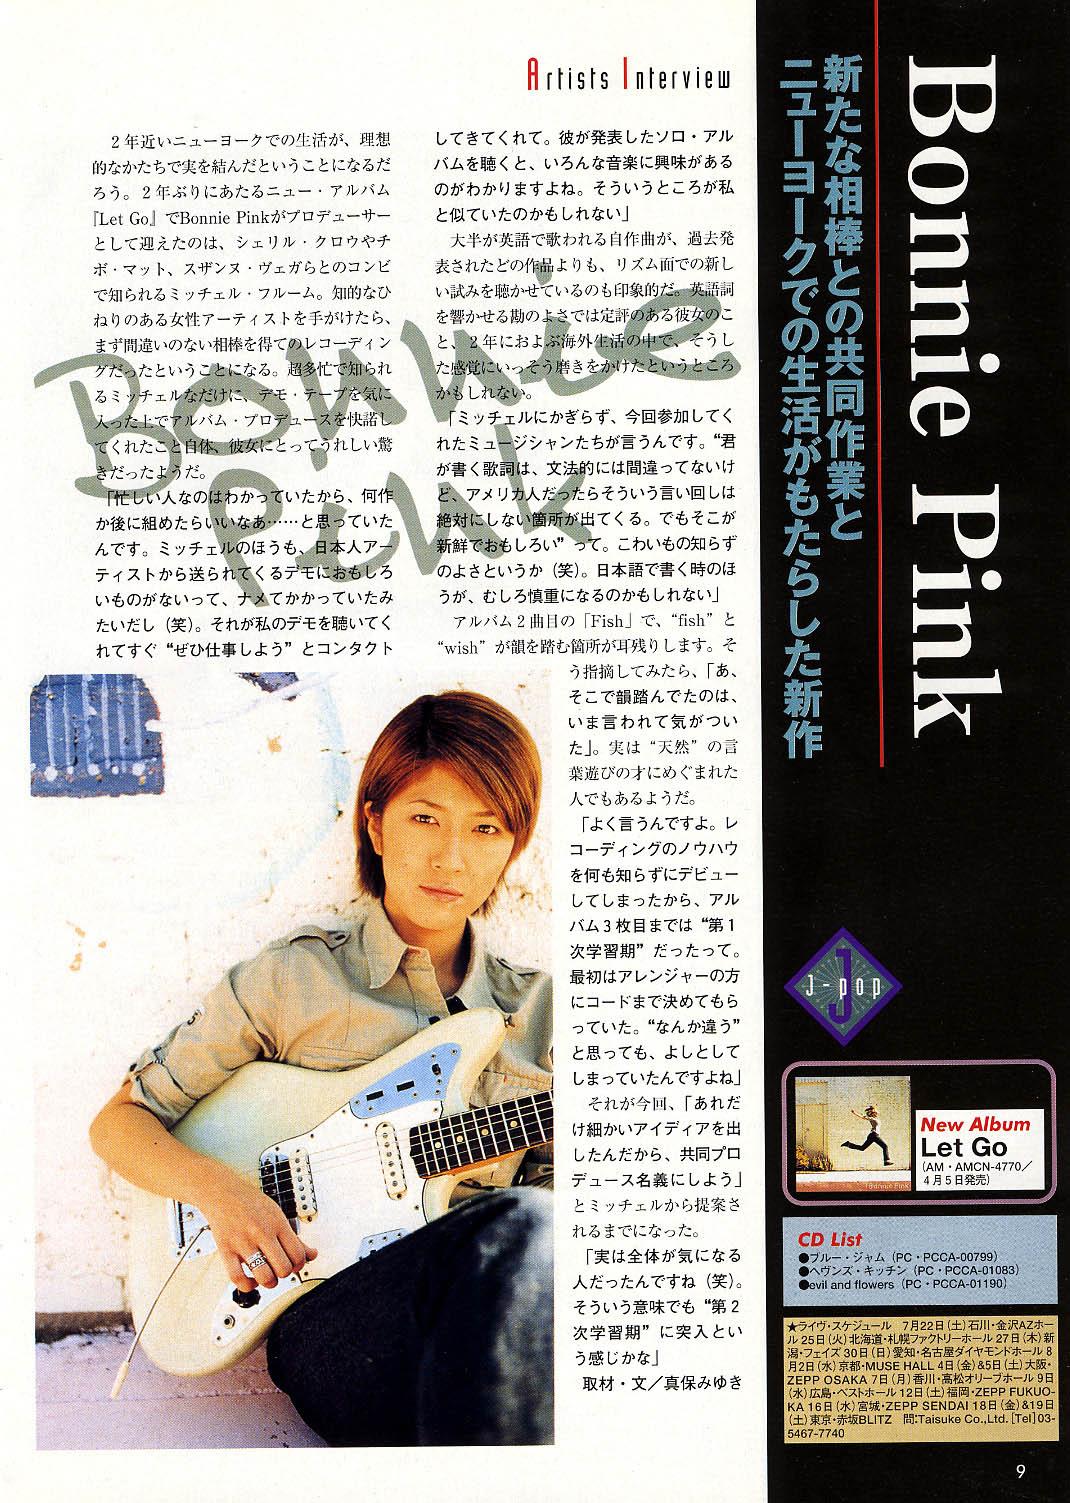 ボニーピンクの代名詞的な代表曲ヘブンズキッチンの英語歌詞の日本語訳和訳を見られるブログを紹介します。BONNIE PINK:Heaven's Kitchen English Japanese lyrics